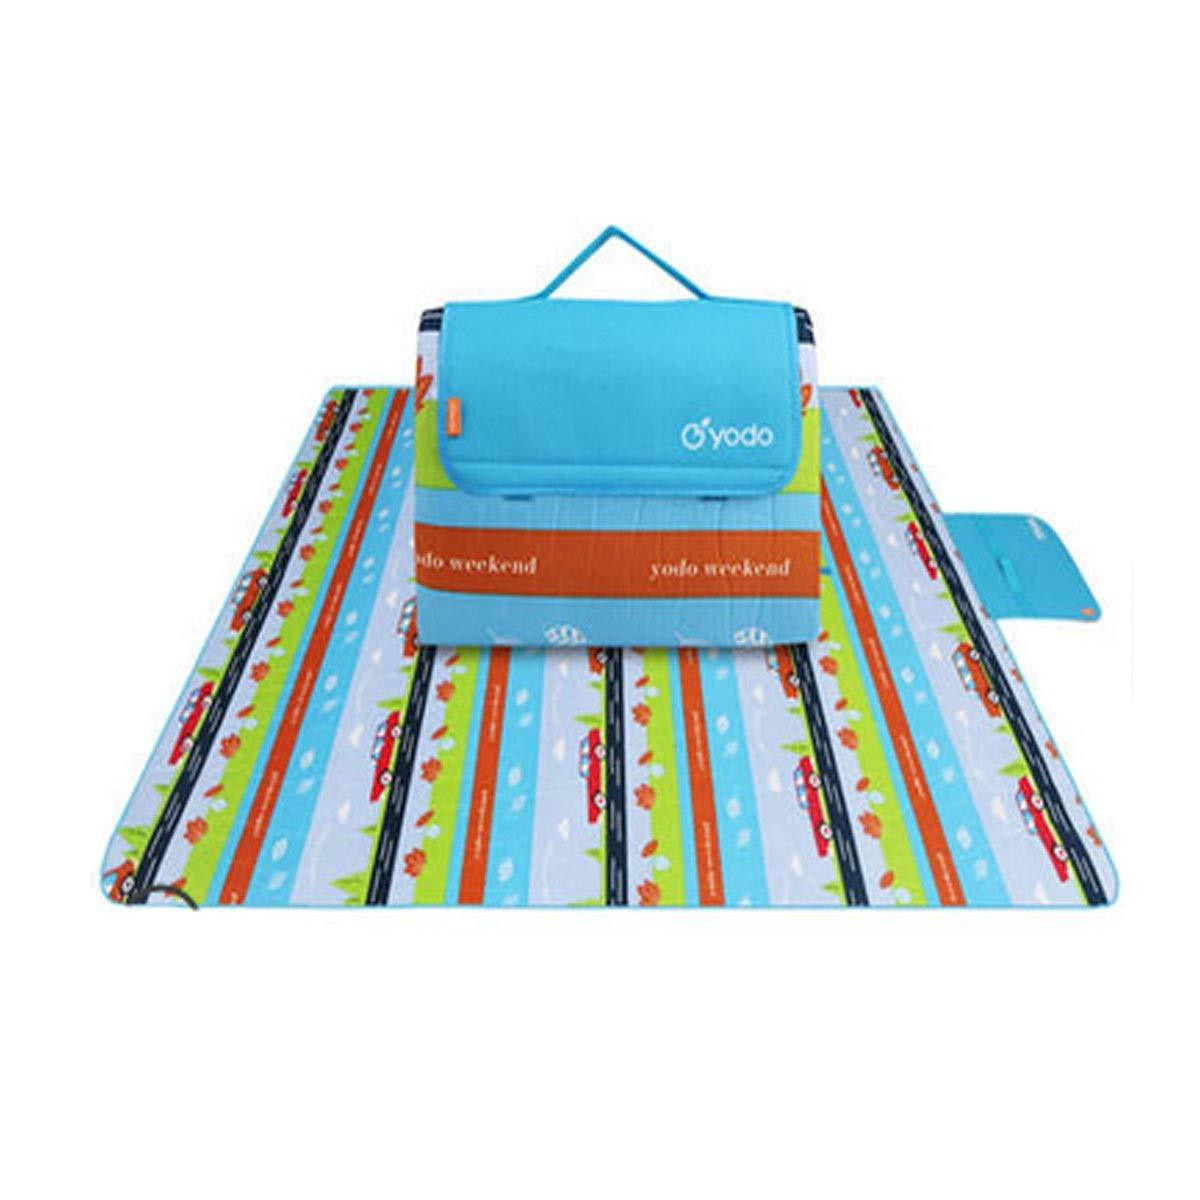 A006 200200cm Tapis de camping, tapis de plage imperméable extérieur, tapis de pique-nique, tissu Oxford, 200  200 cm, adapté au voyage extérieur, multiCouleure en option ( Couleur   A004 , Taille   200200cm )